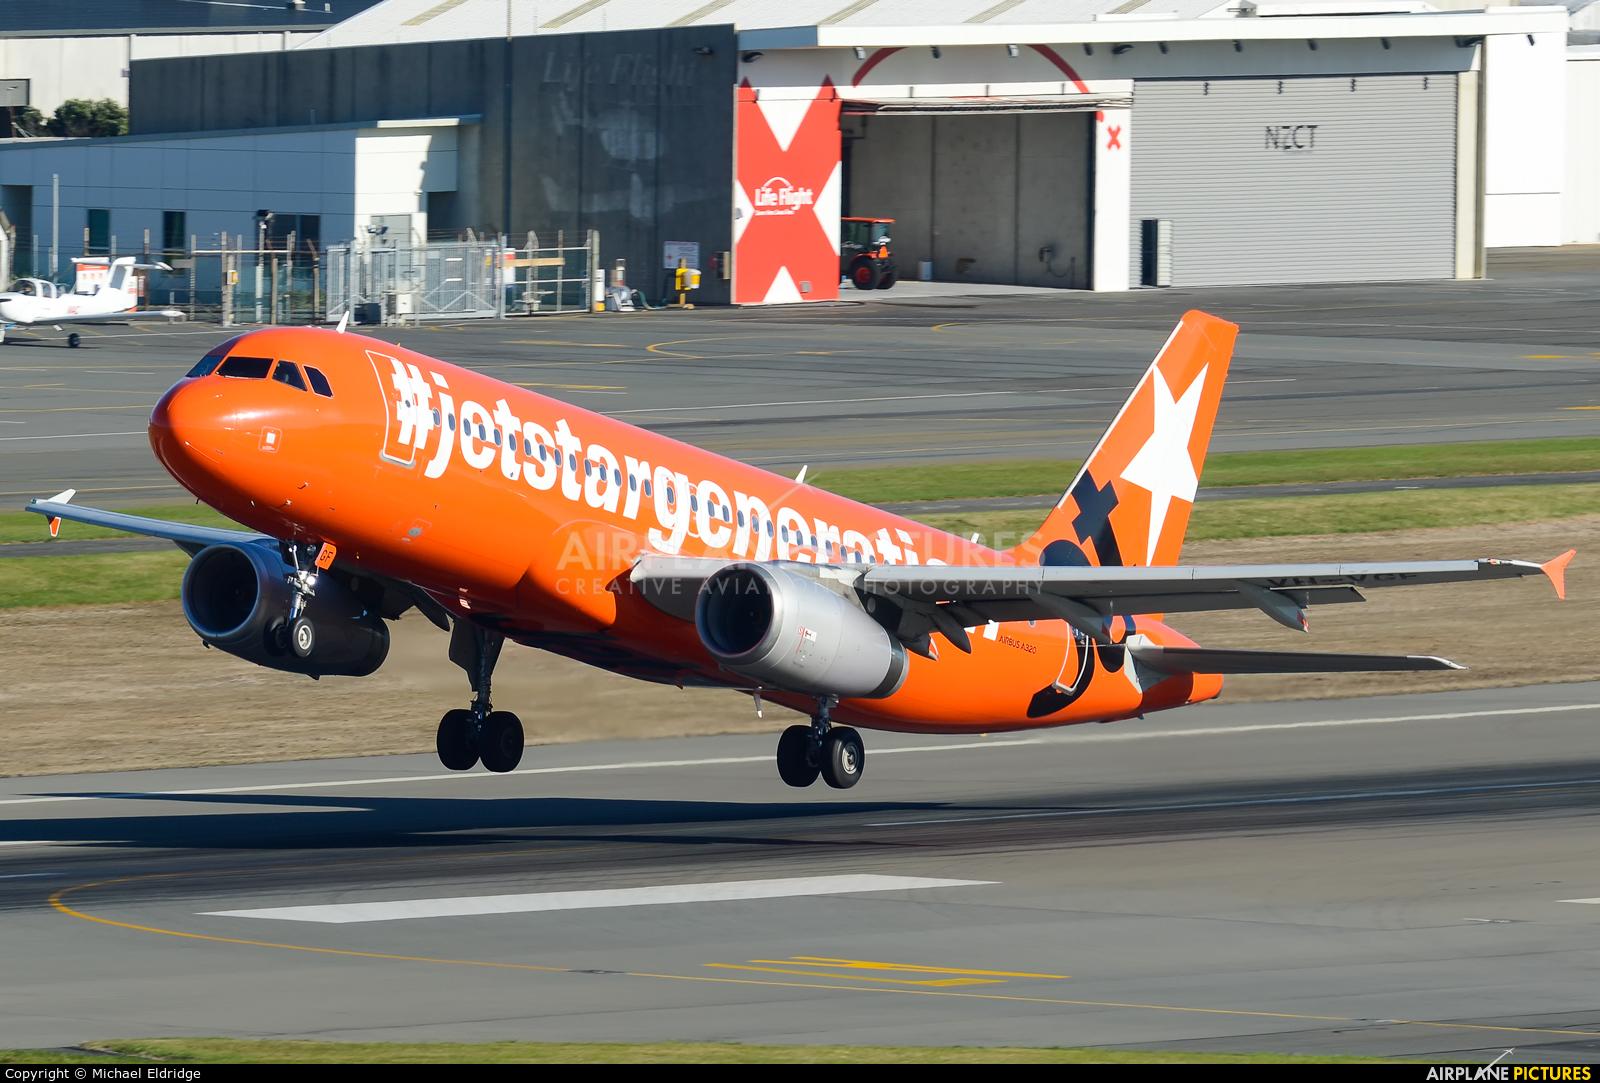 Jetstar Airways VH-VGF aircraft at Wellington Intl